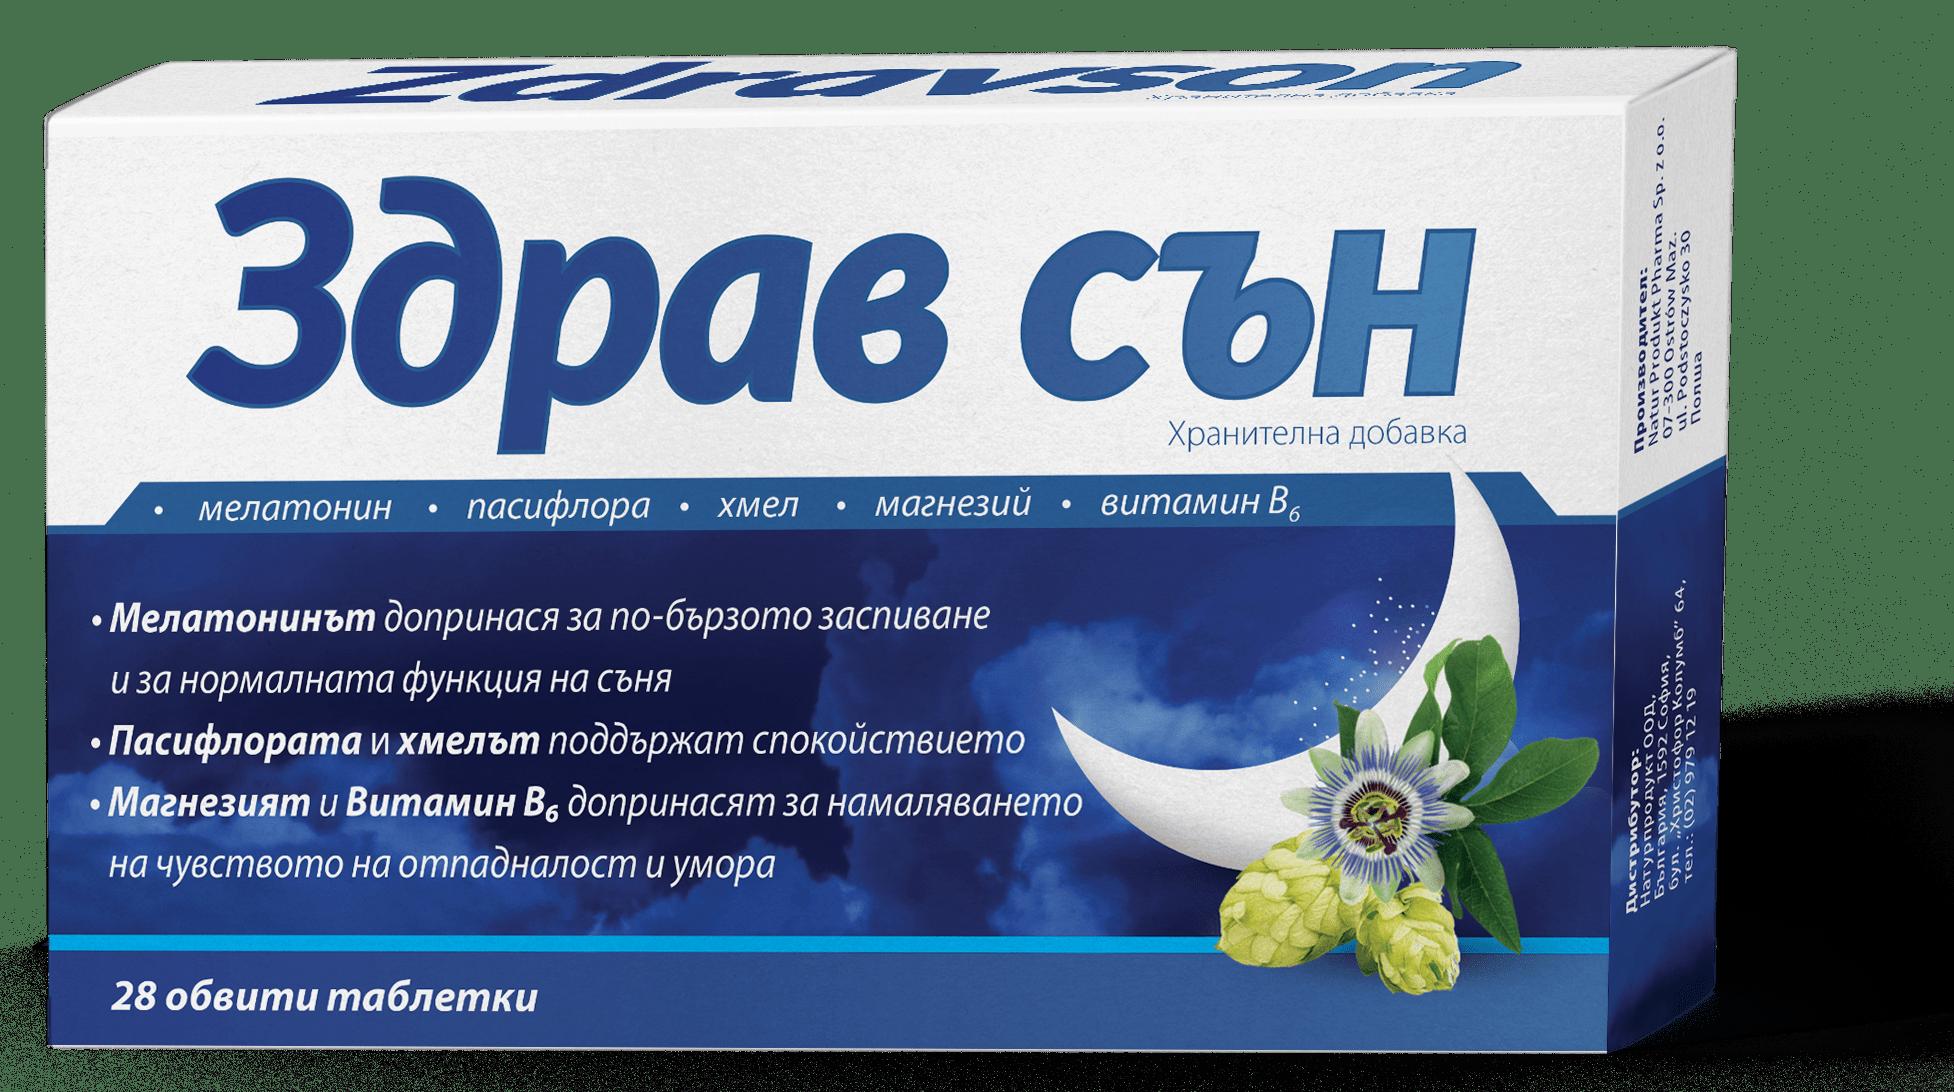 ZDRAVSON / ЗДРАВ СЪН